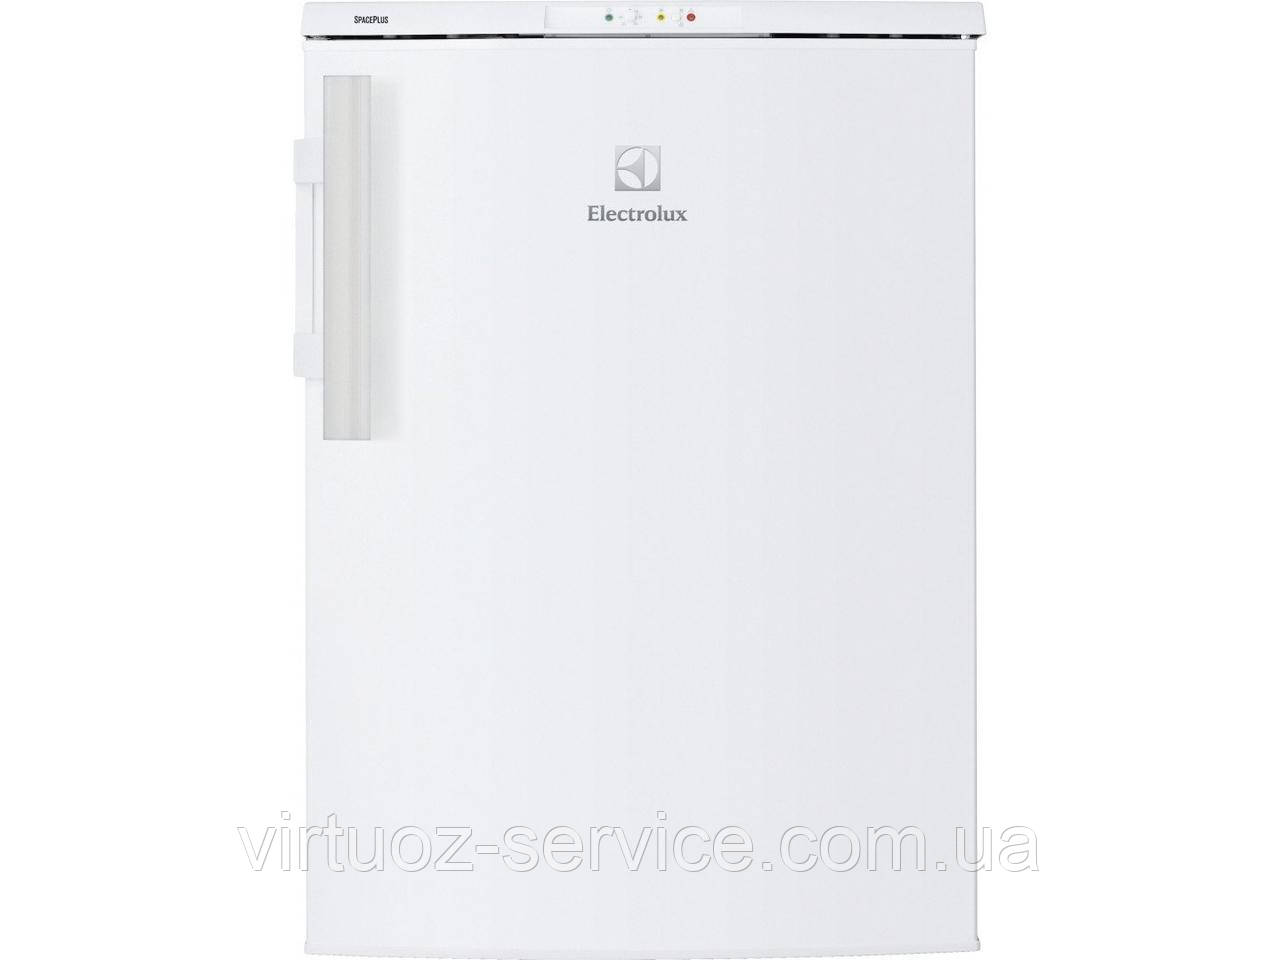 Морозильная камера Electrolux EUT1040AOW